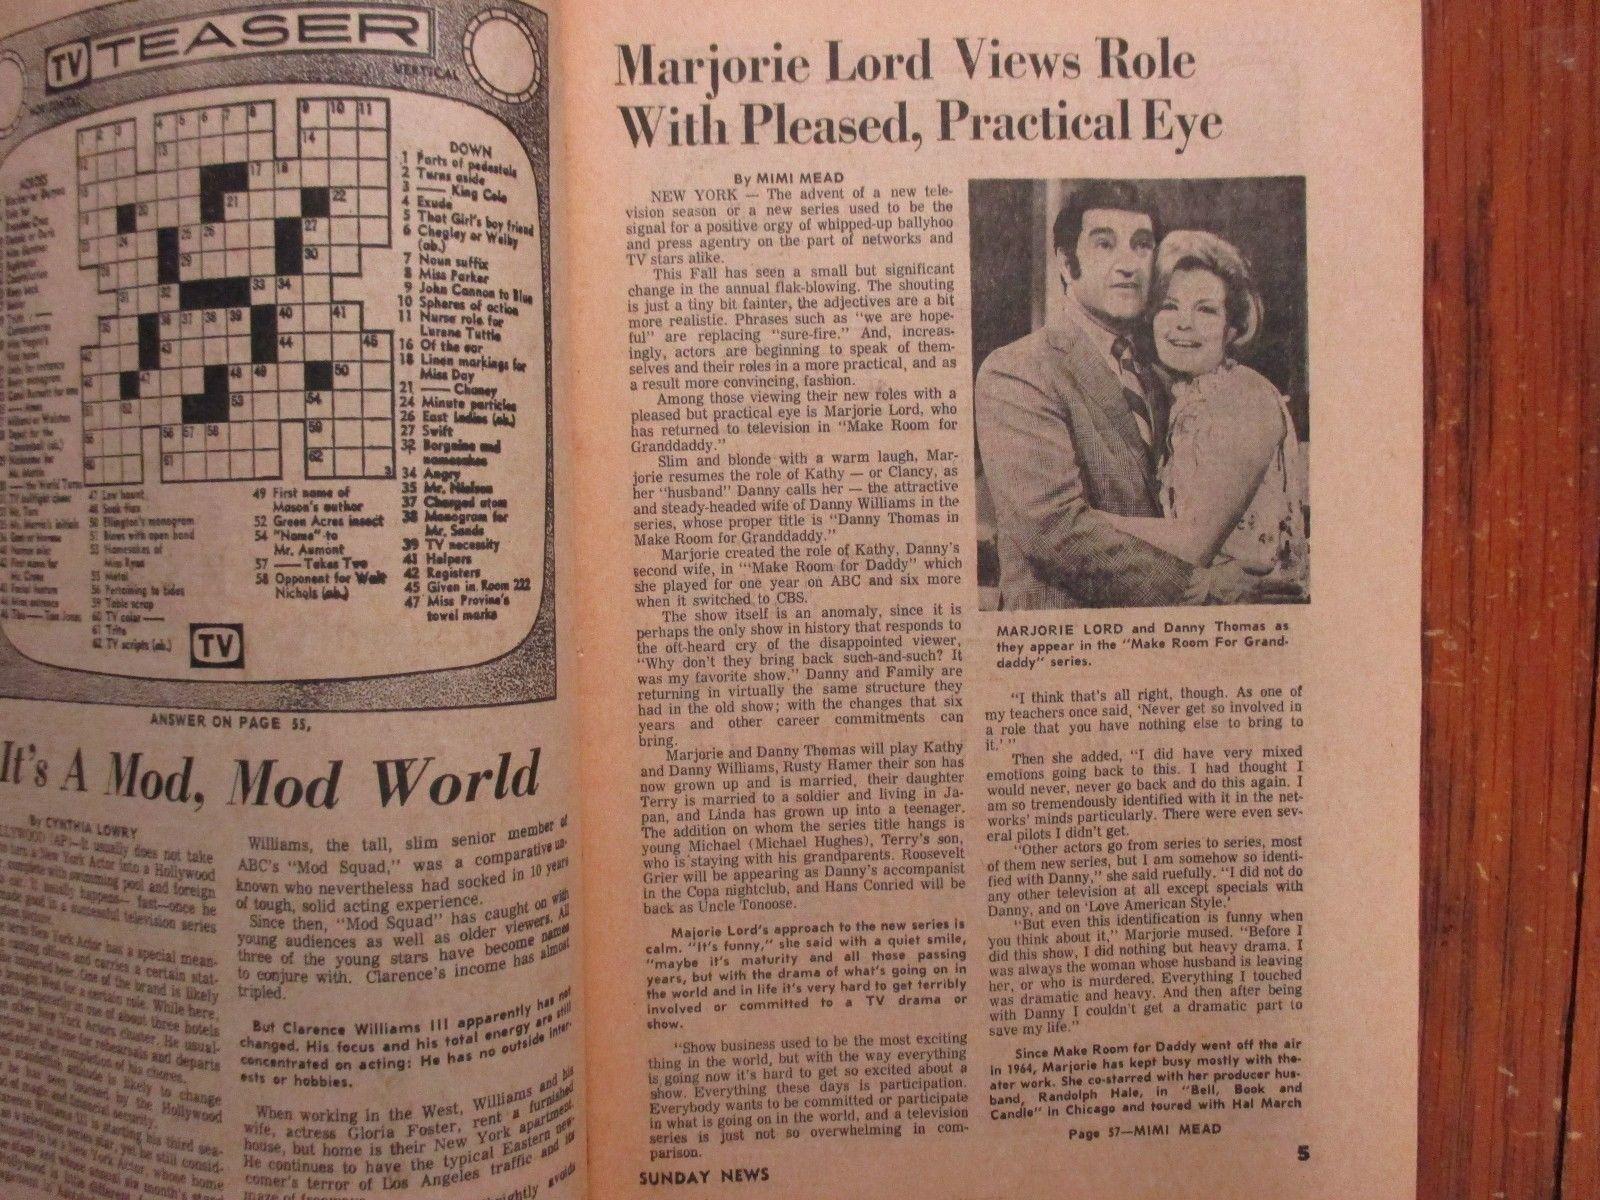 1970_Lancaster_Pa_TV_Week_Mag_M11